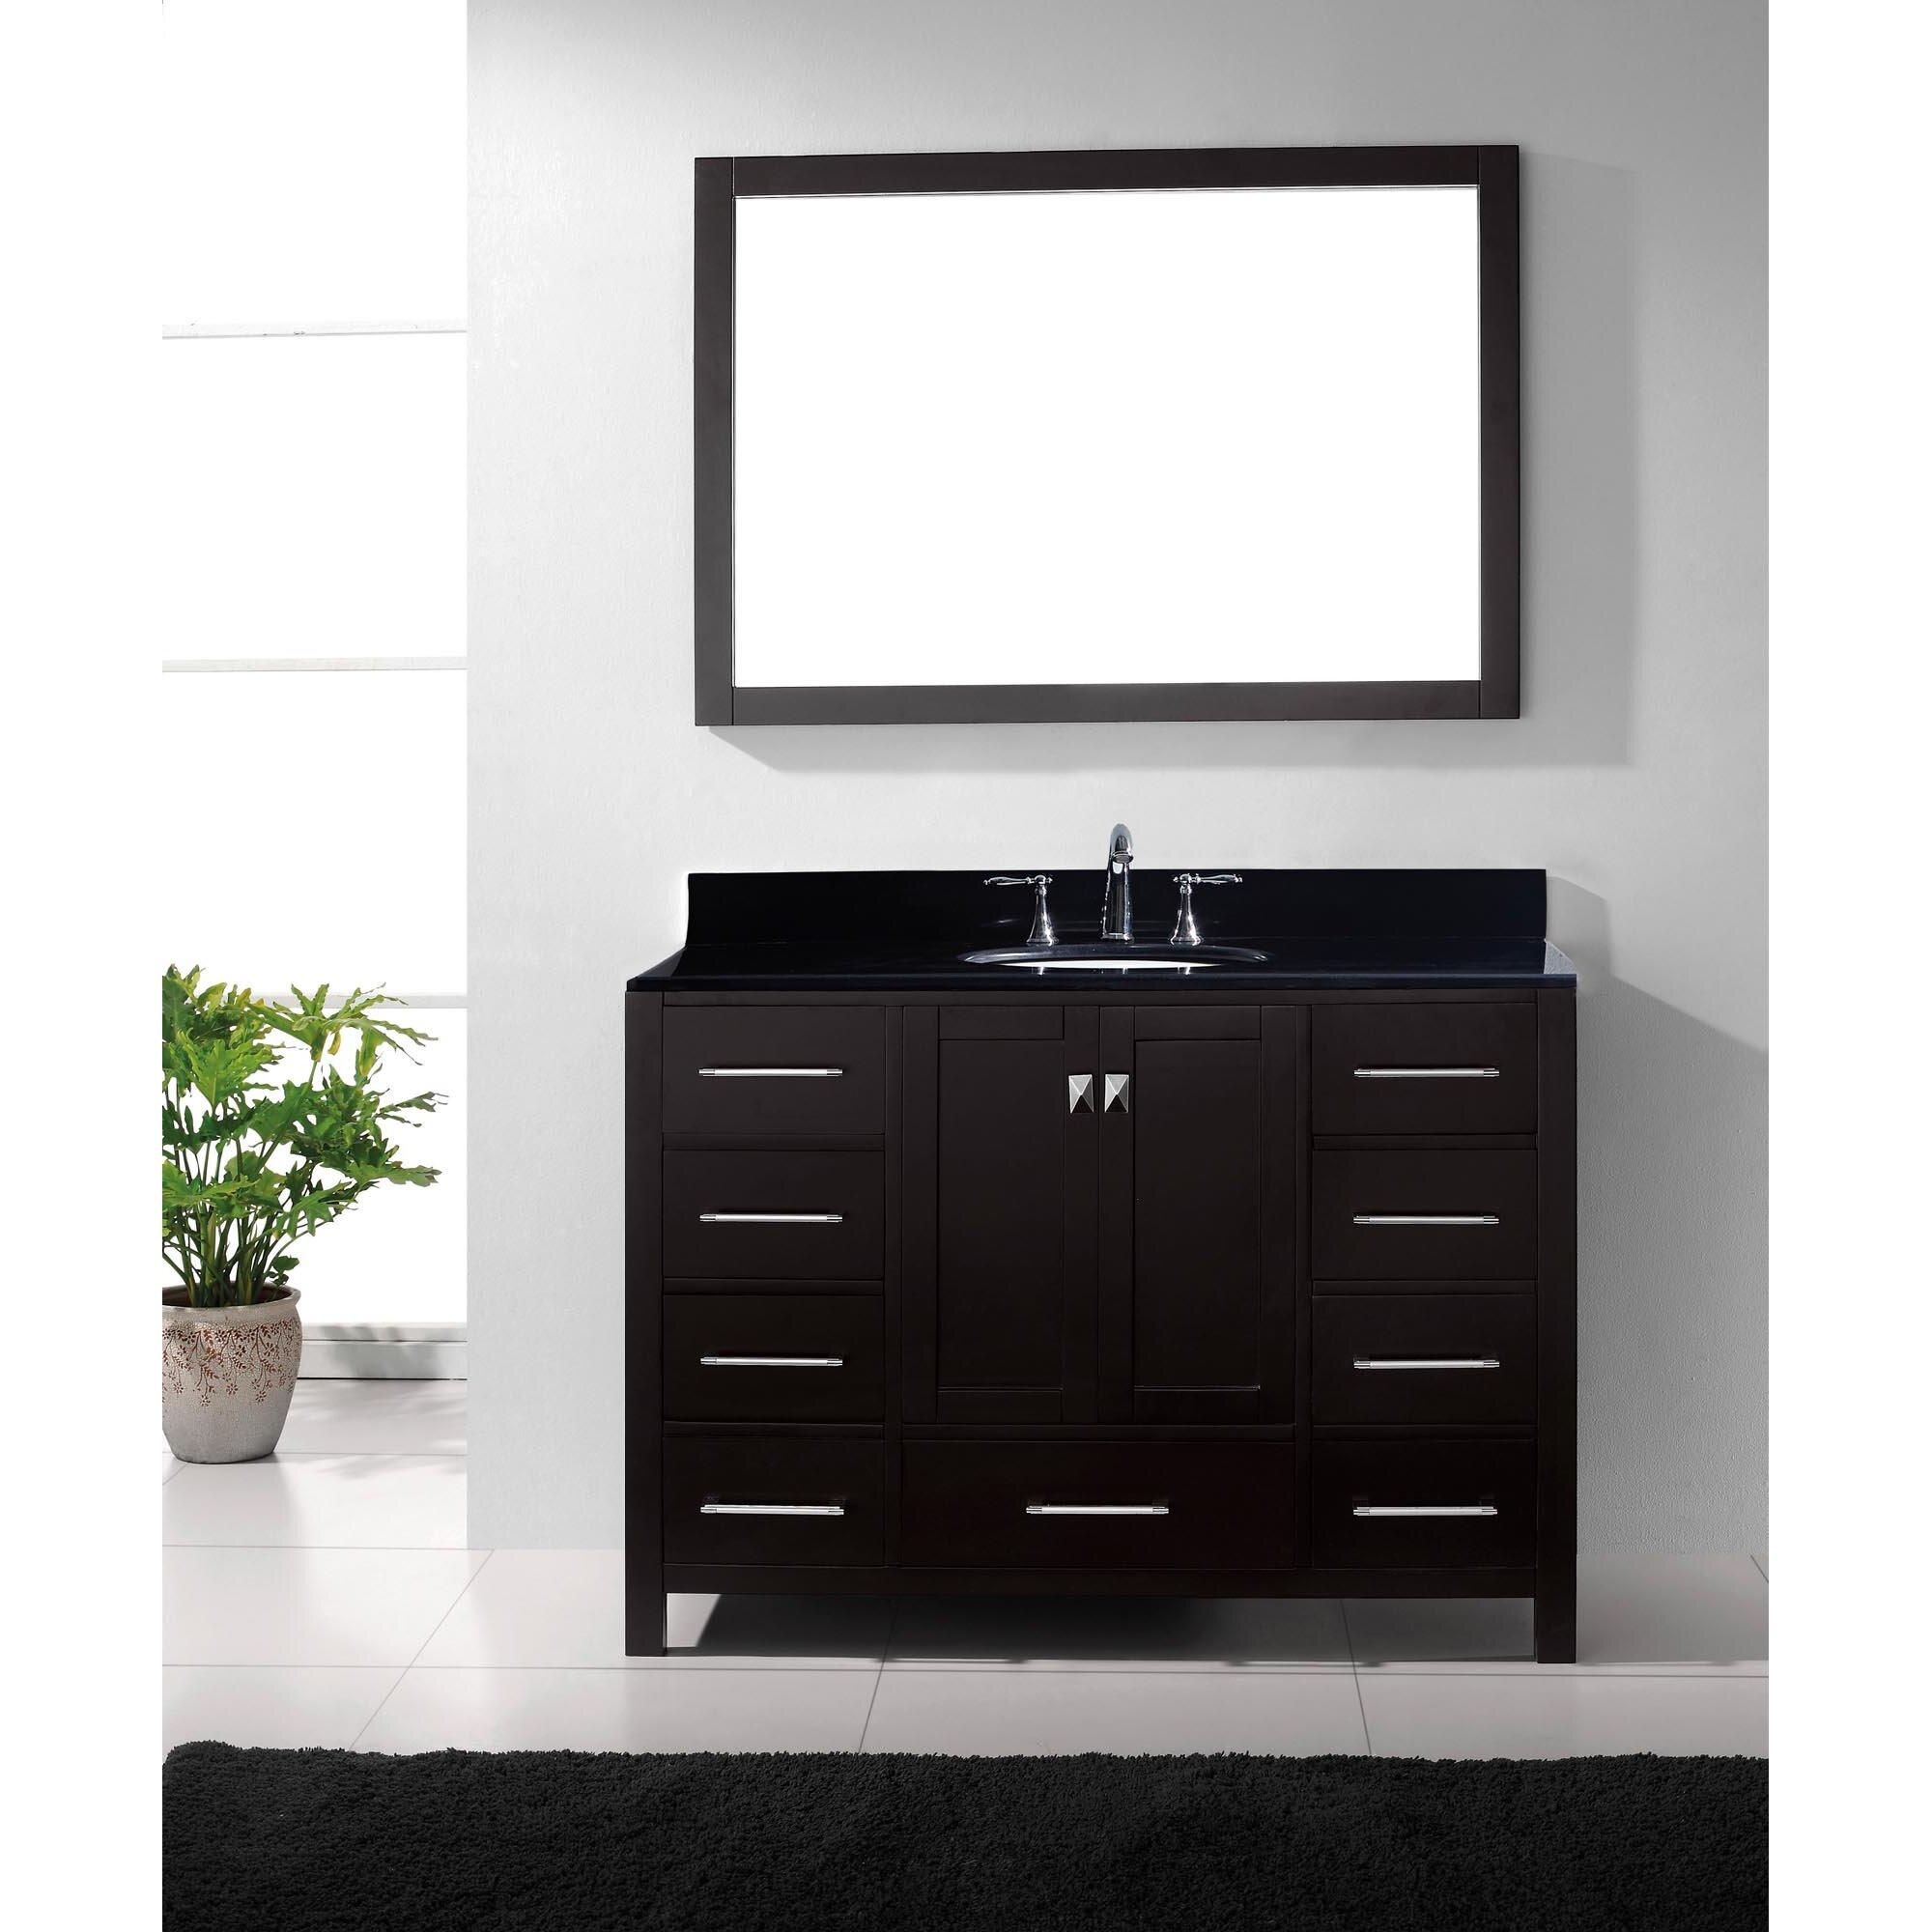 avenue 49 single bathroom vanity set with black galaxy top and mirror